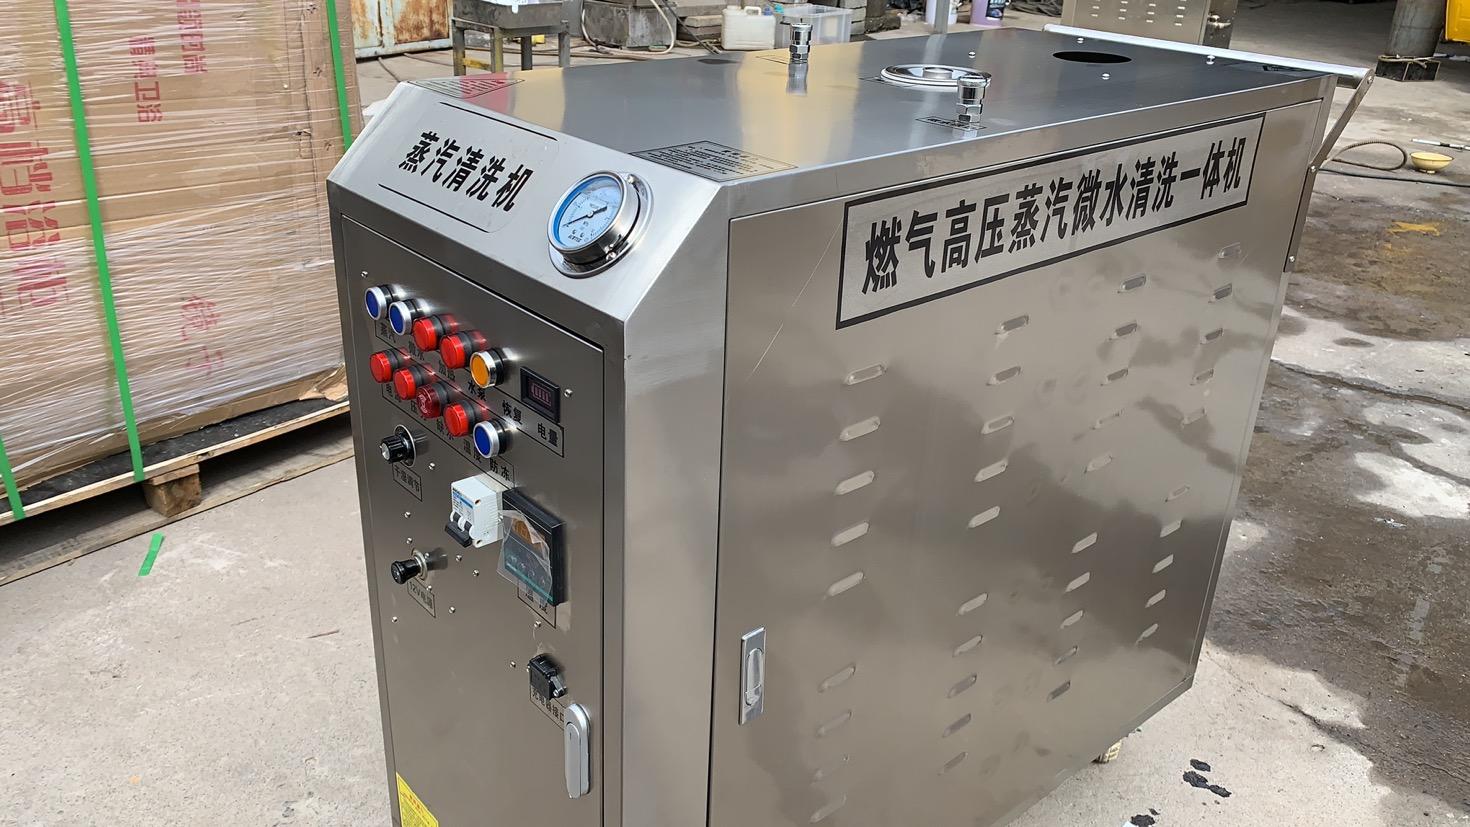 沐鸣2平台资讯高压蒸汽洗车机不惧冬季寒雪